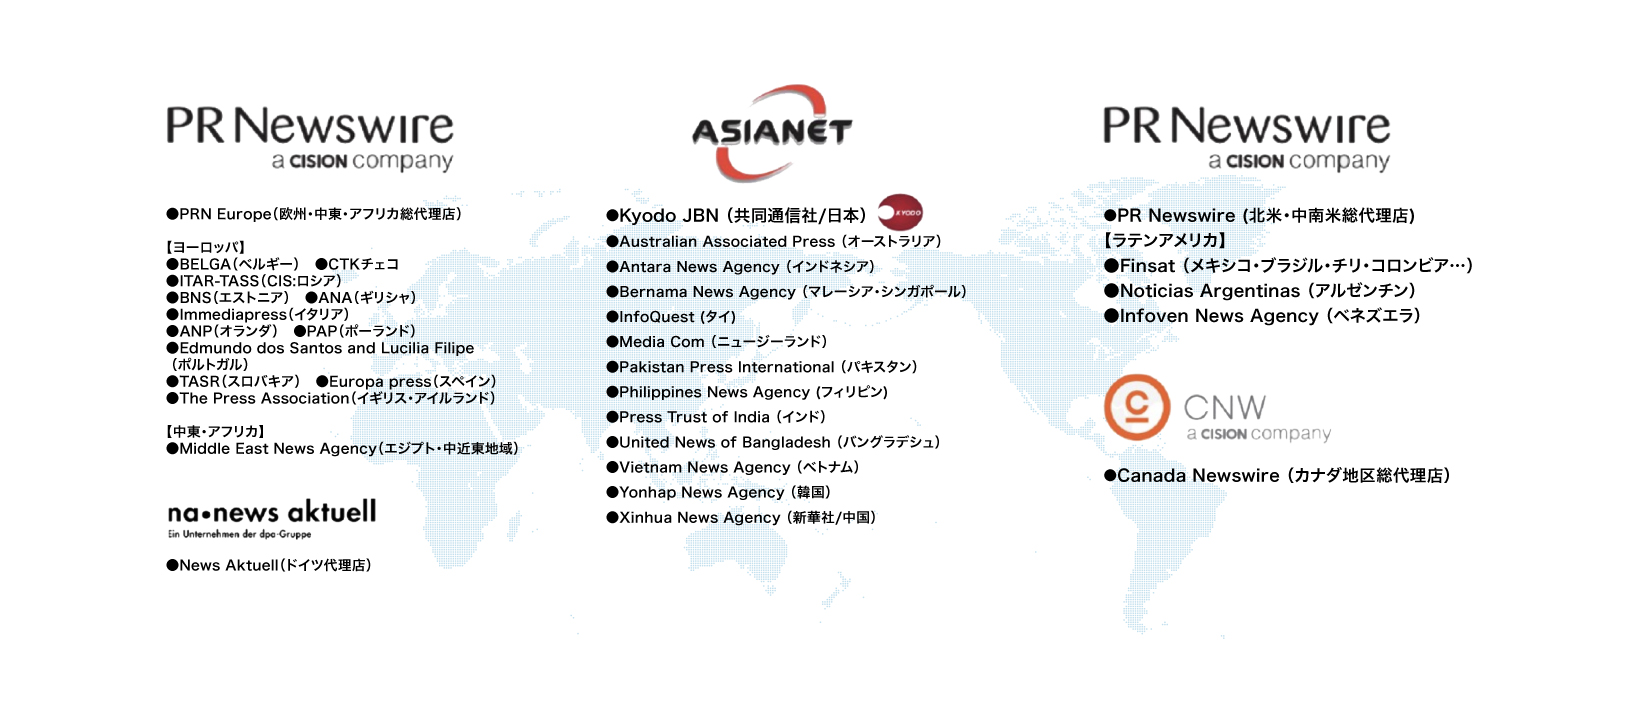 海外配信サービス